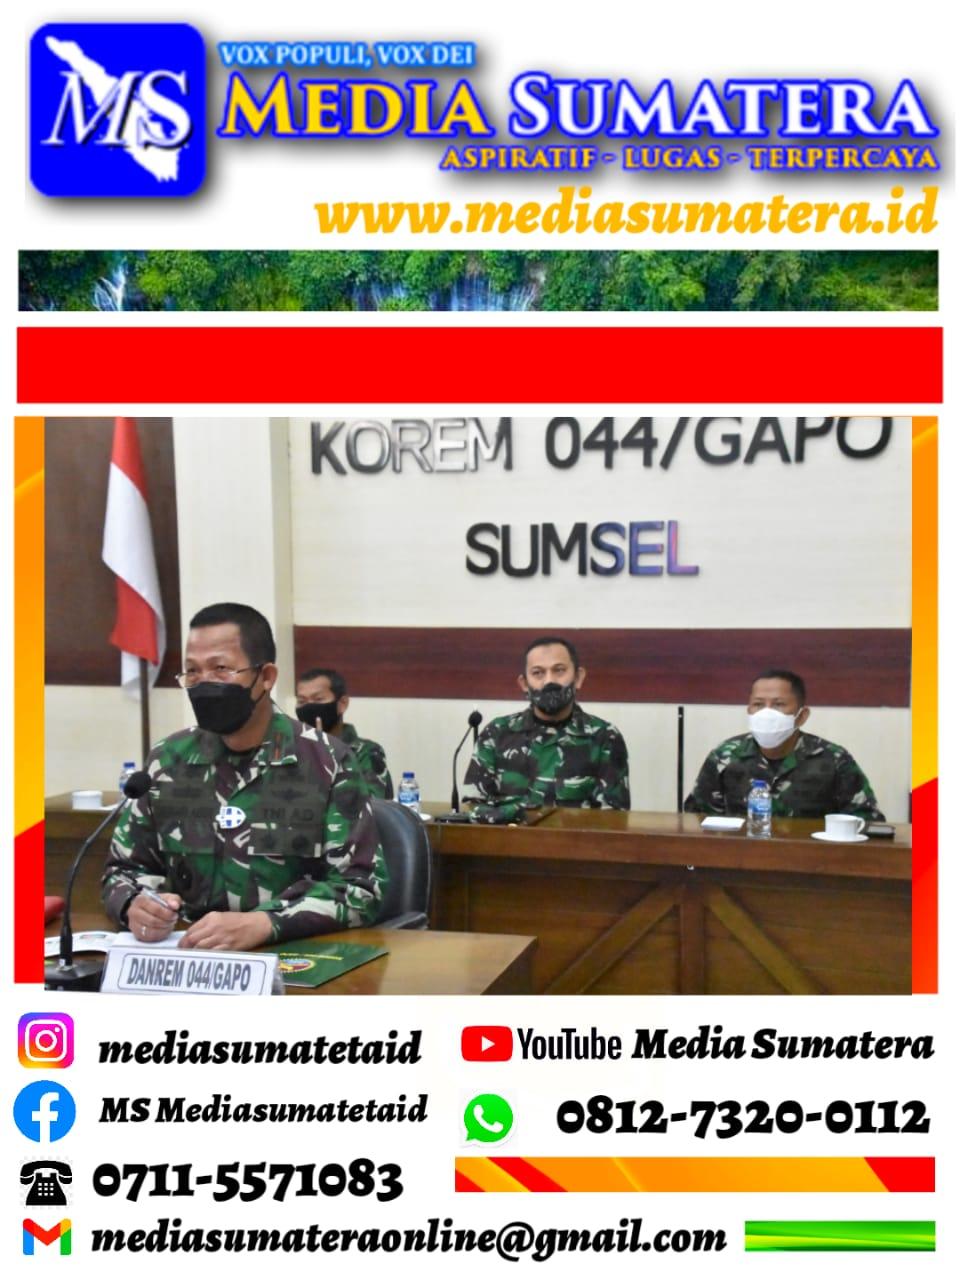 Danrem 044/Gapo Mengikuti Rakor Vicon Panglima TNI Investasi Tentang Penguatan PPKM Darurat di Wilayah Jawa Dan Bali